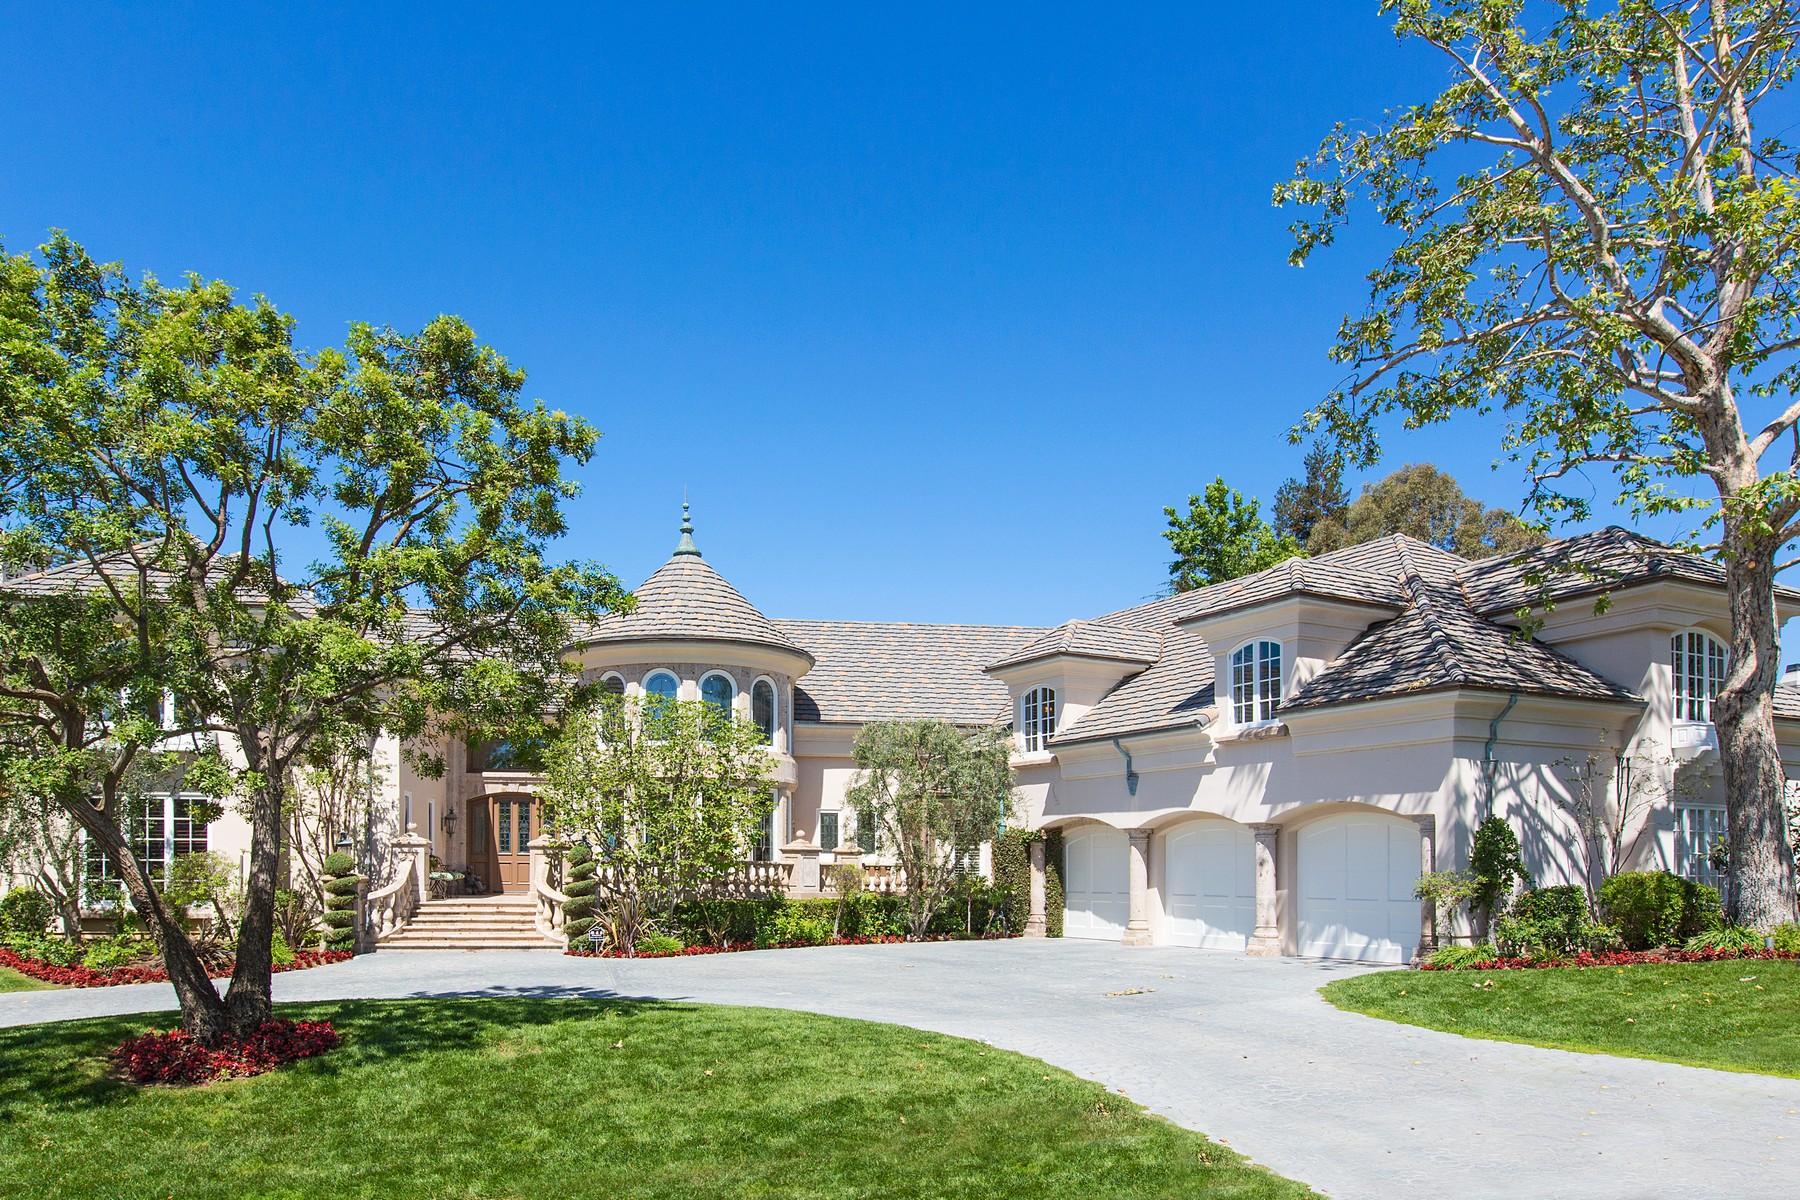 Casa Unifamiliar por un Venta en Summit View Drive 4916 Summit View Drive Westlake Village, California, 91362 Estados Unidos